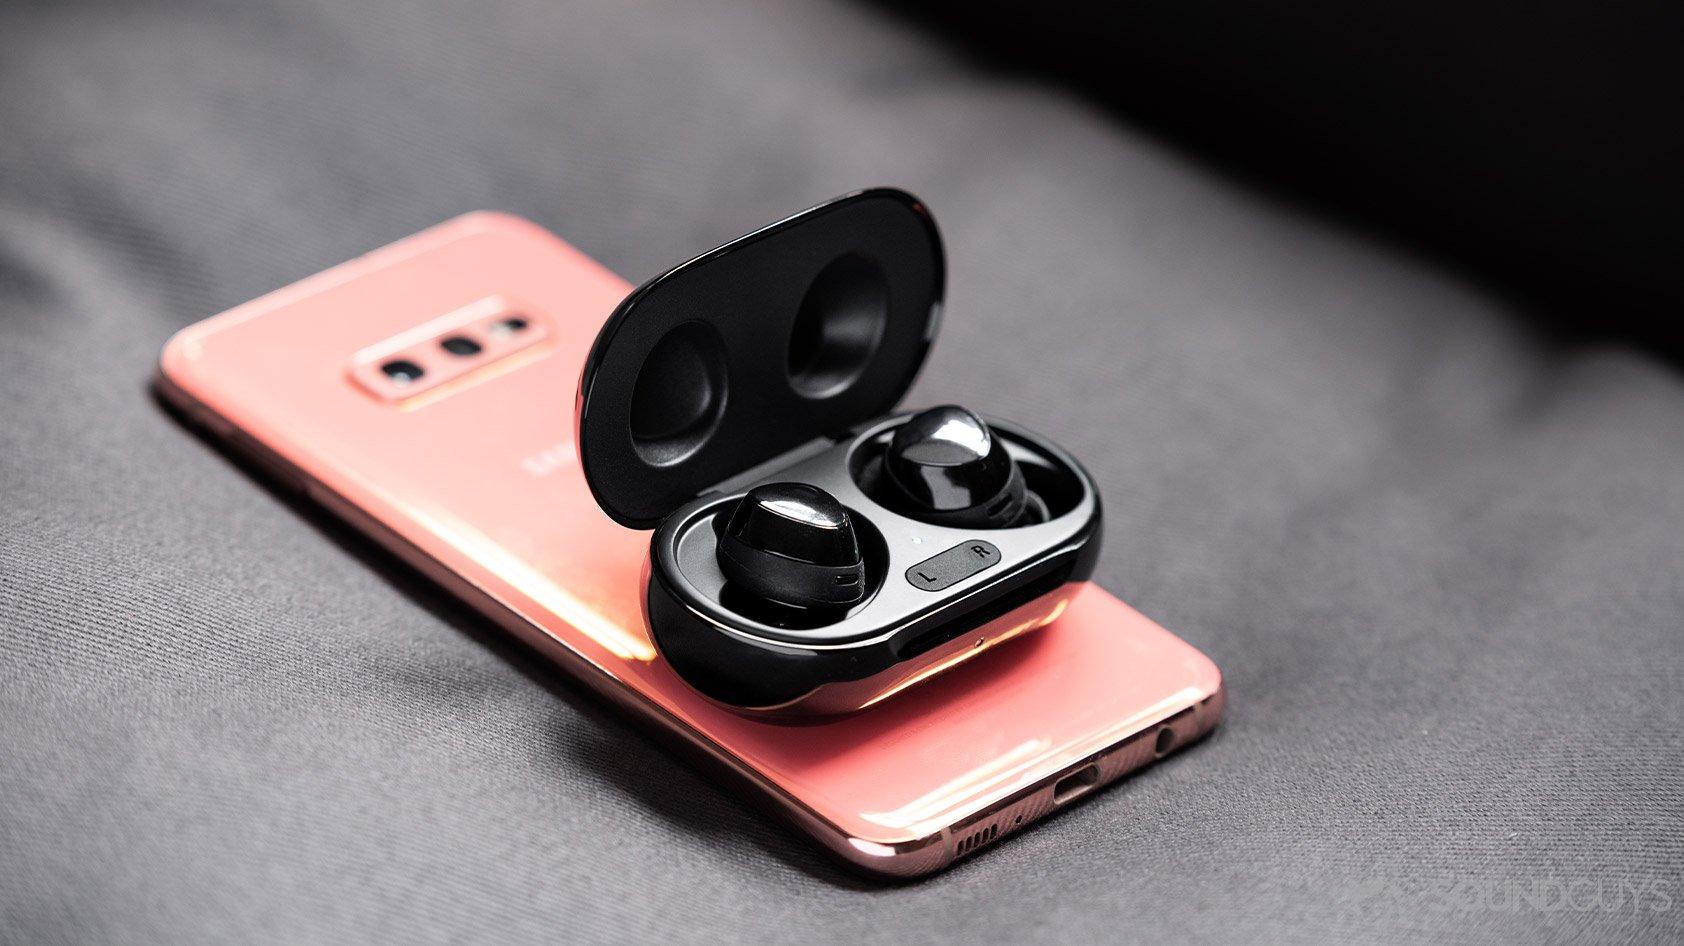 شارژ گجت های کوچک با تراشه NFC امکان پذیر می شود